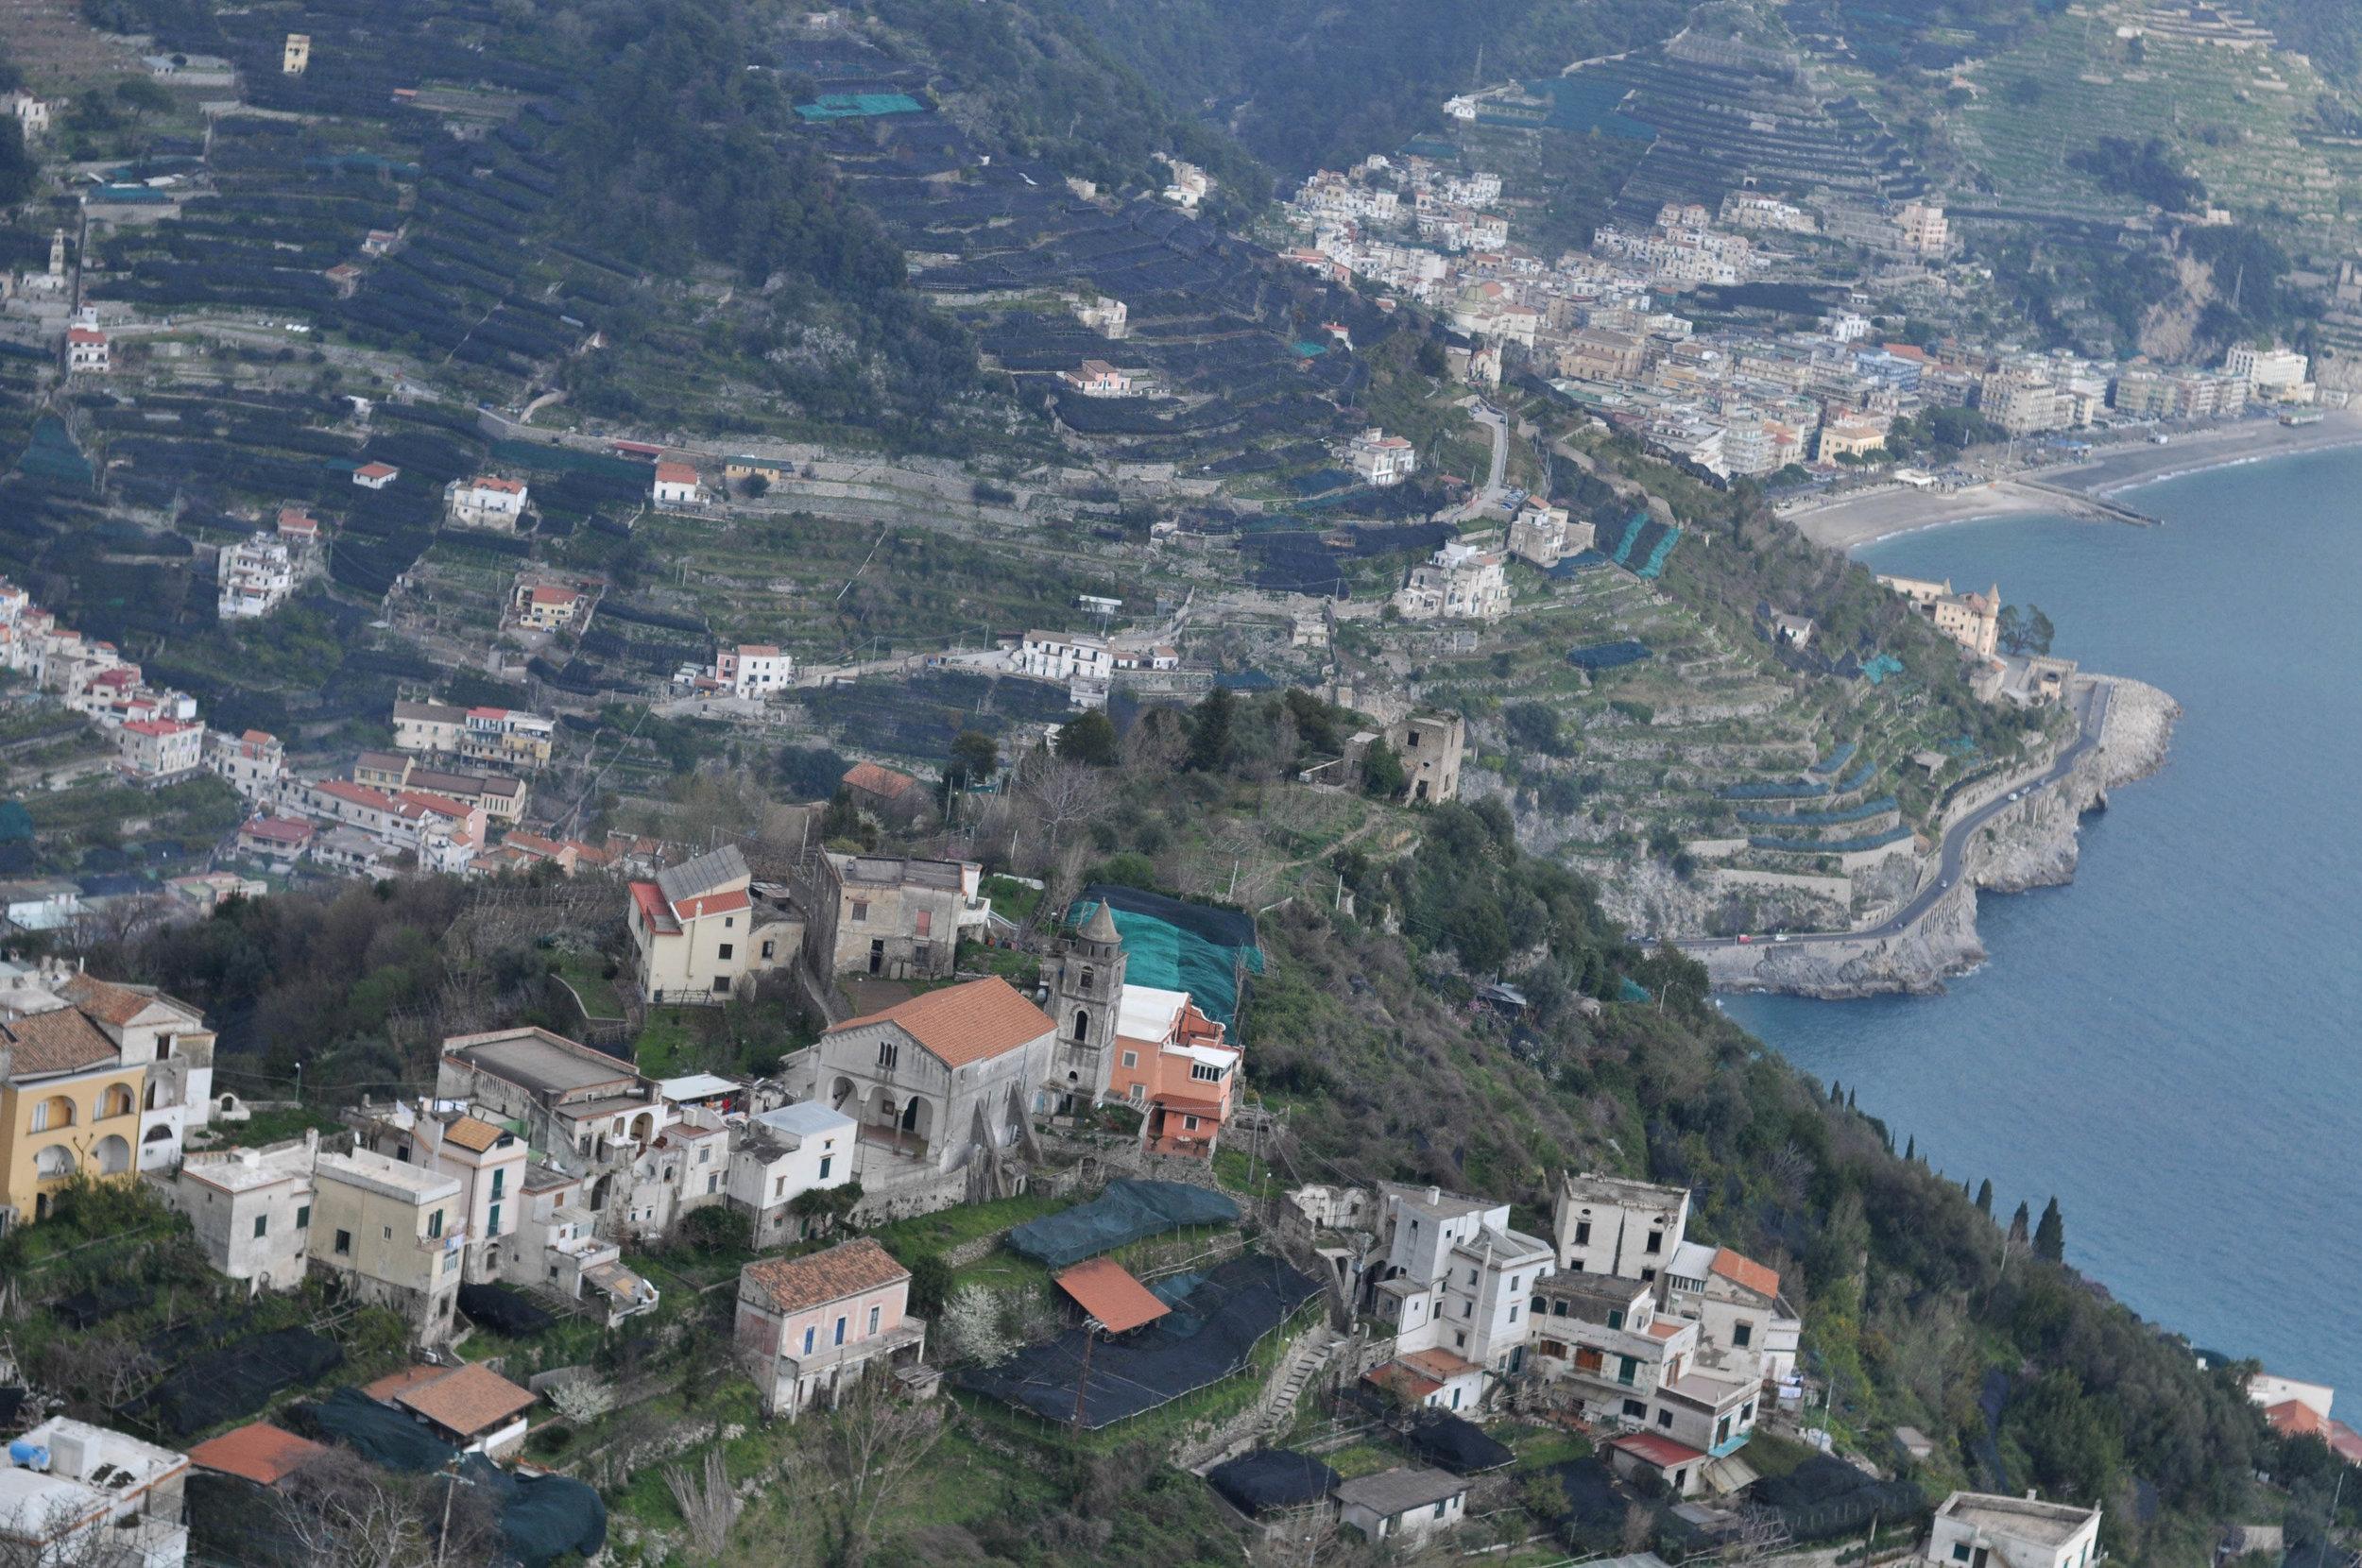 AmalfiCapriPompeii-144.jpg